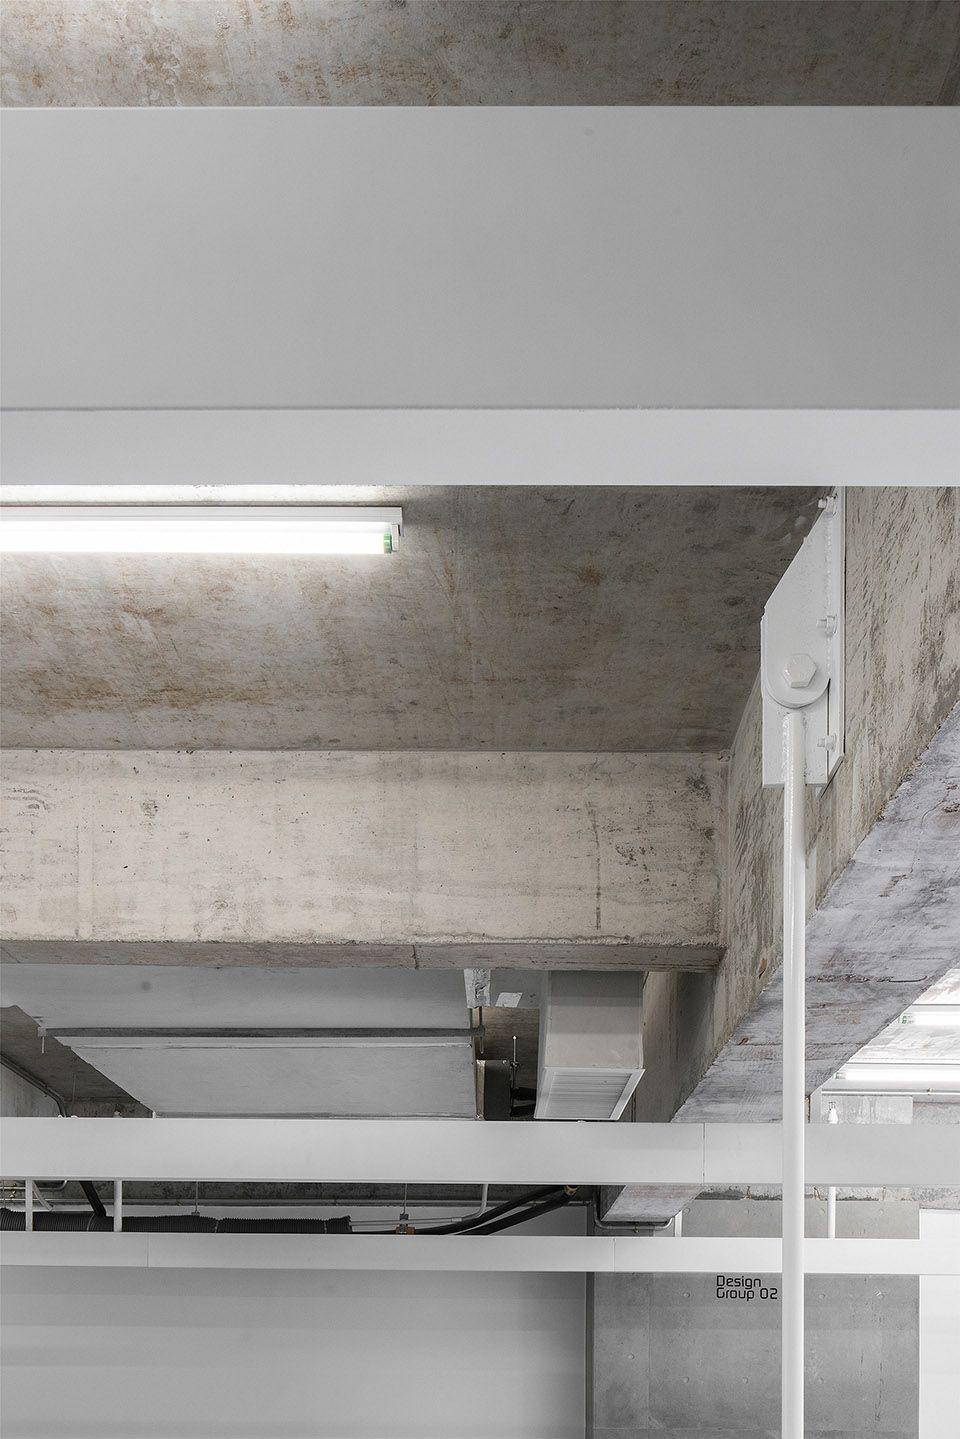 移动的玻璃盒子,广东Edgelab办公空间 | Edgelab边界实验工作室|黄智武、何钢荣 - 20